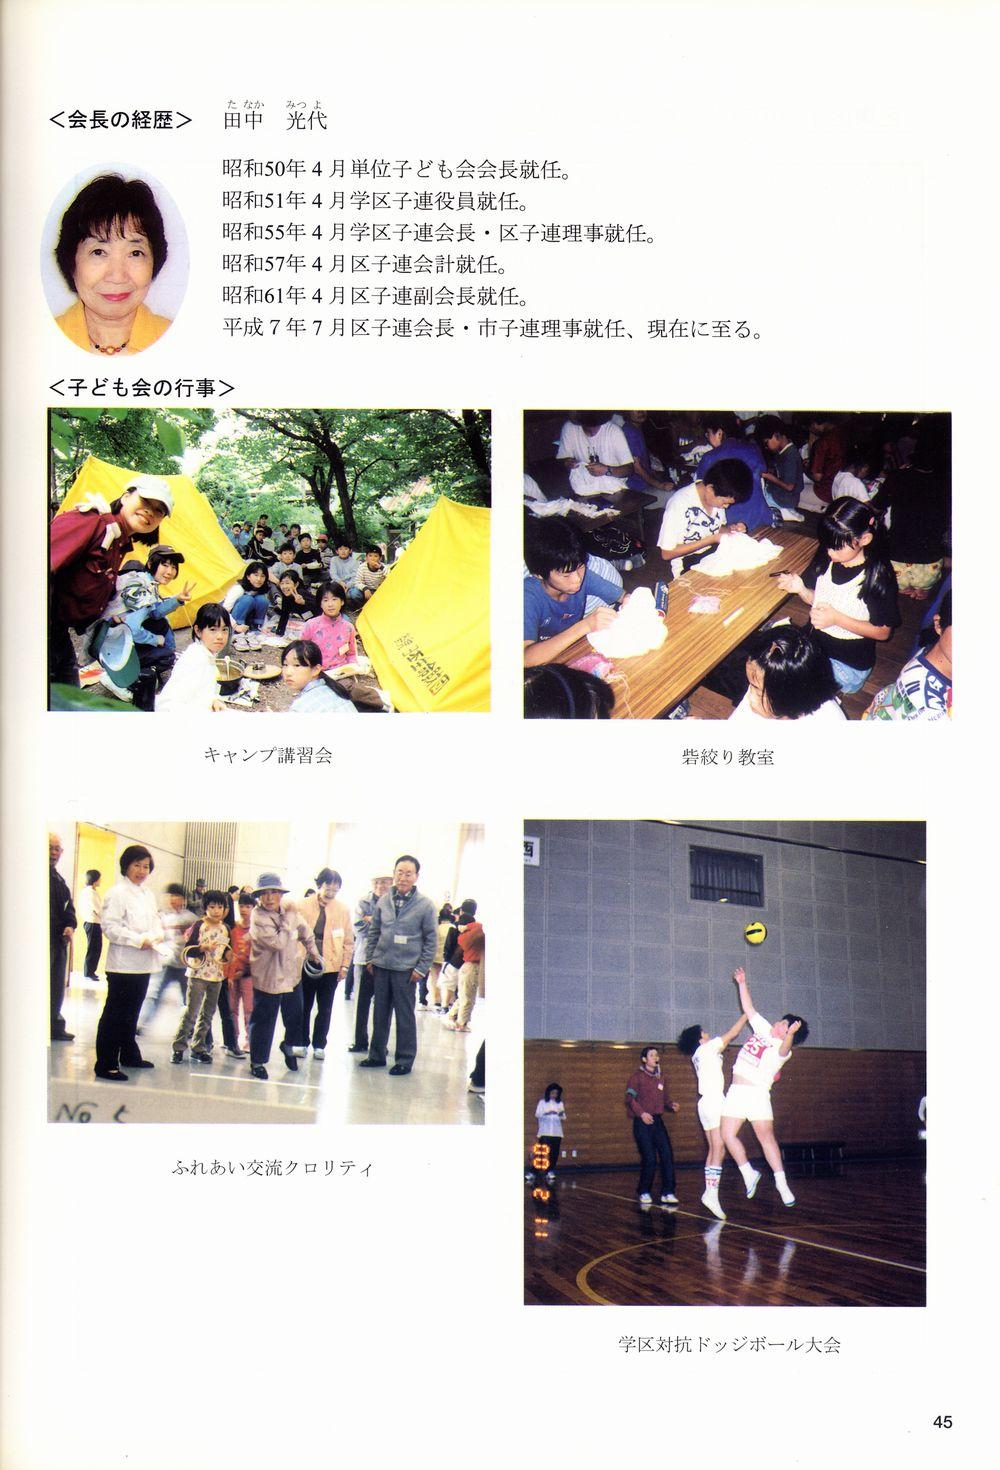 40周年記念誌-page45s